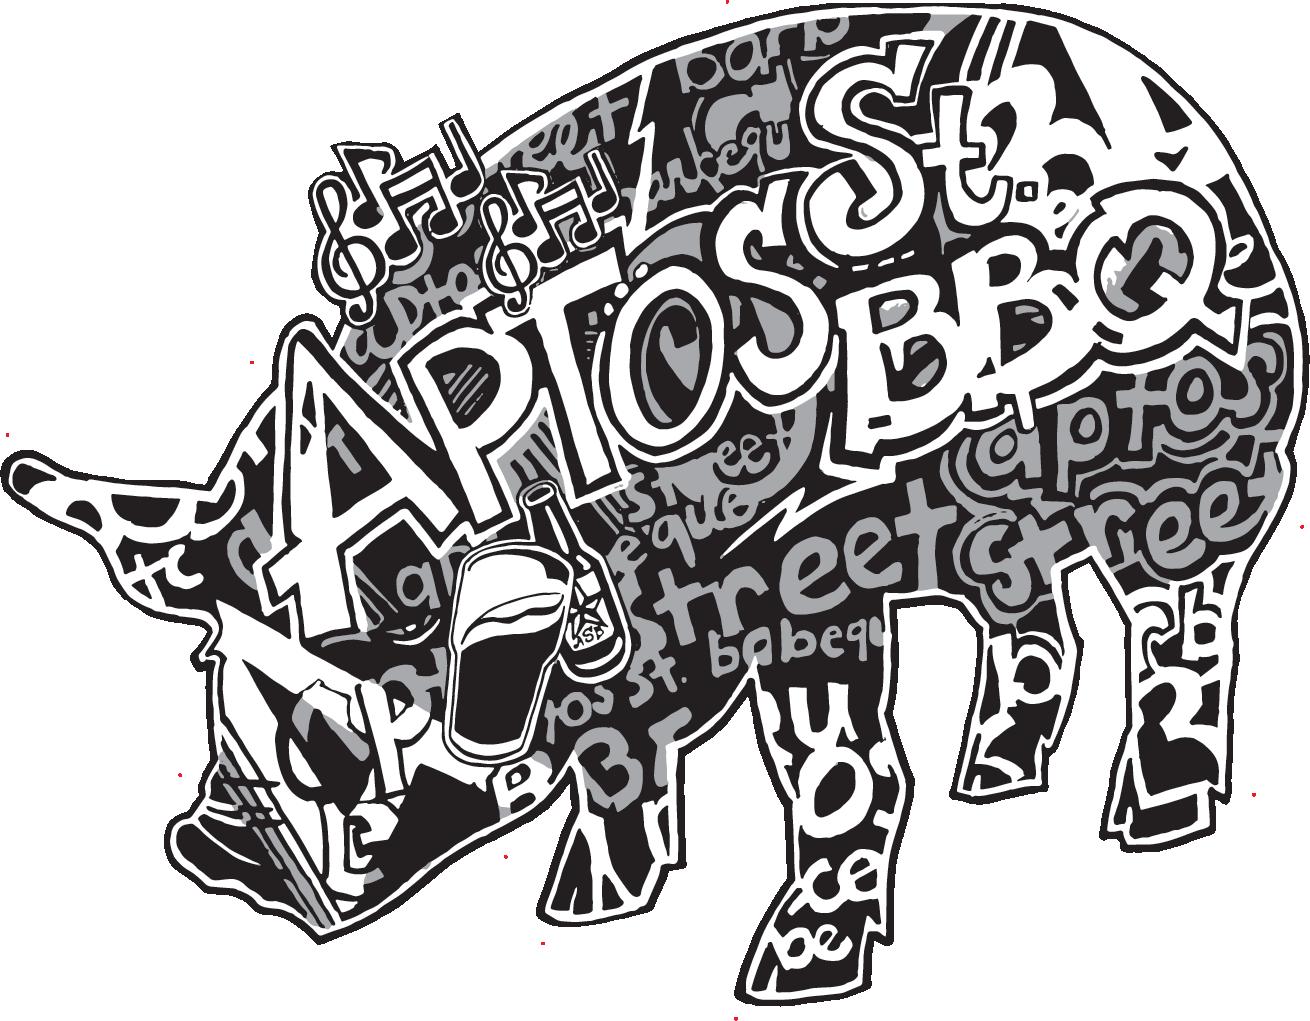 Aptos Street BBQ